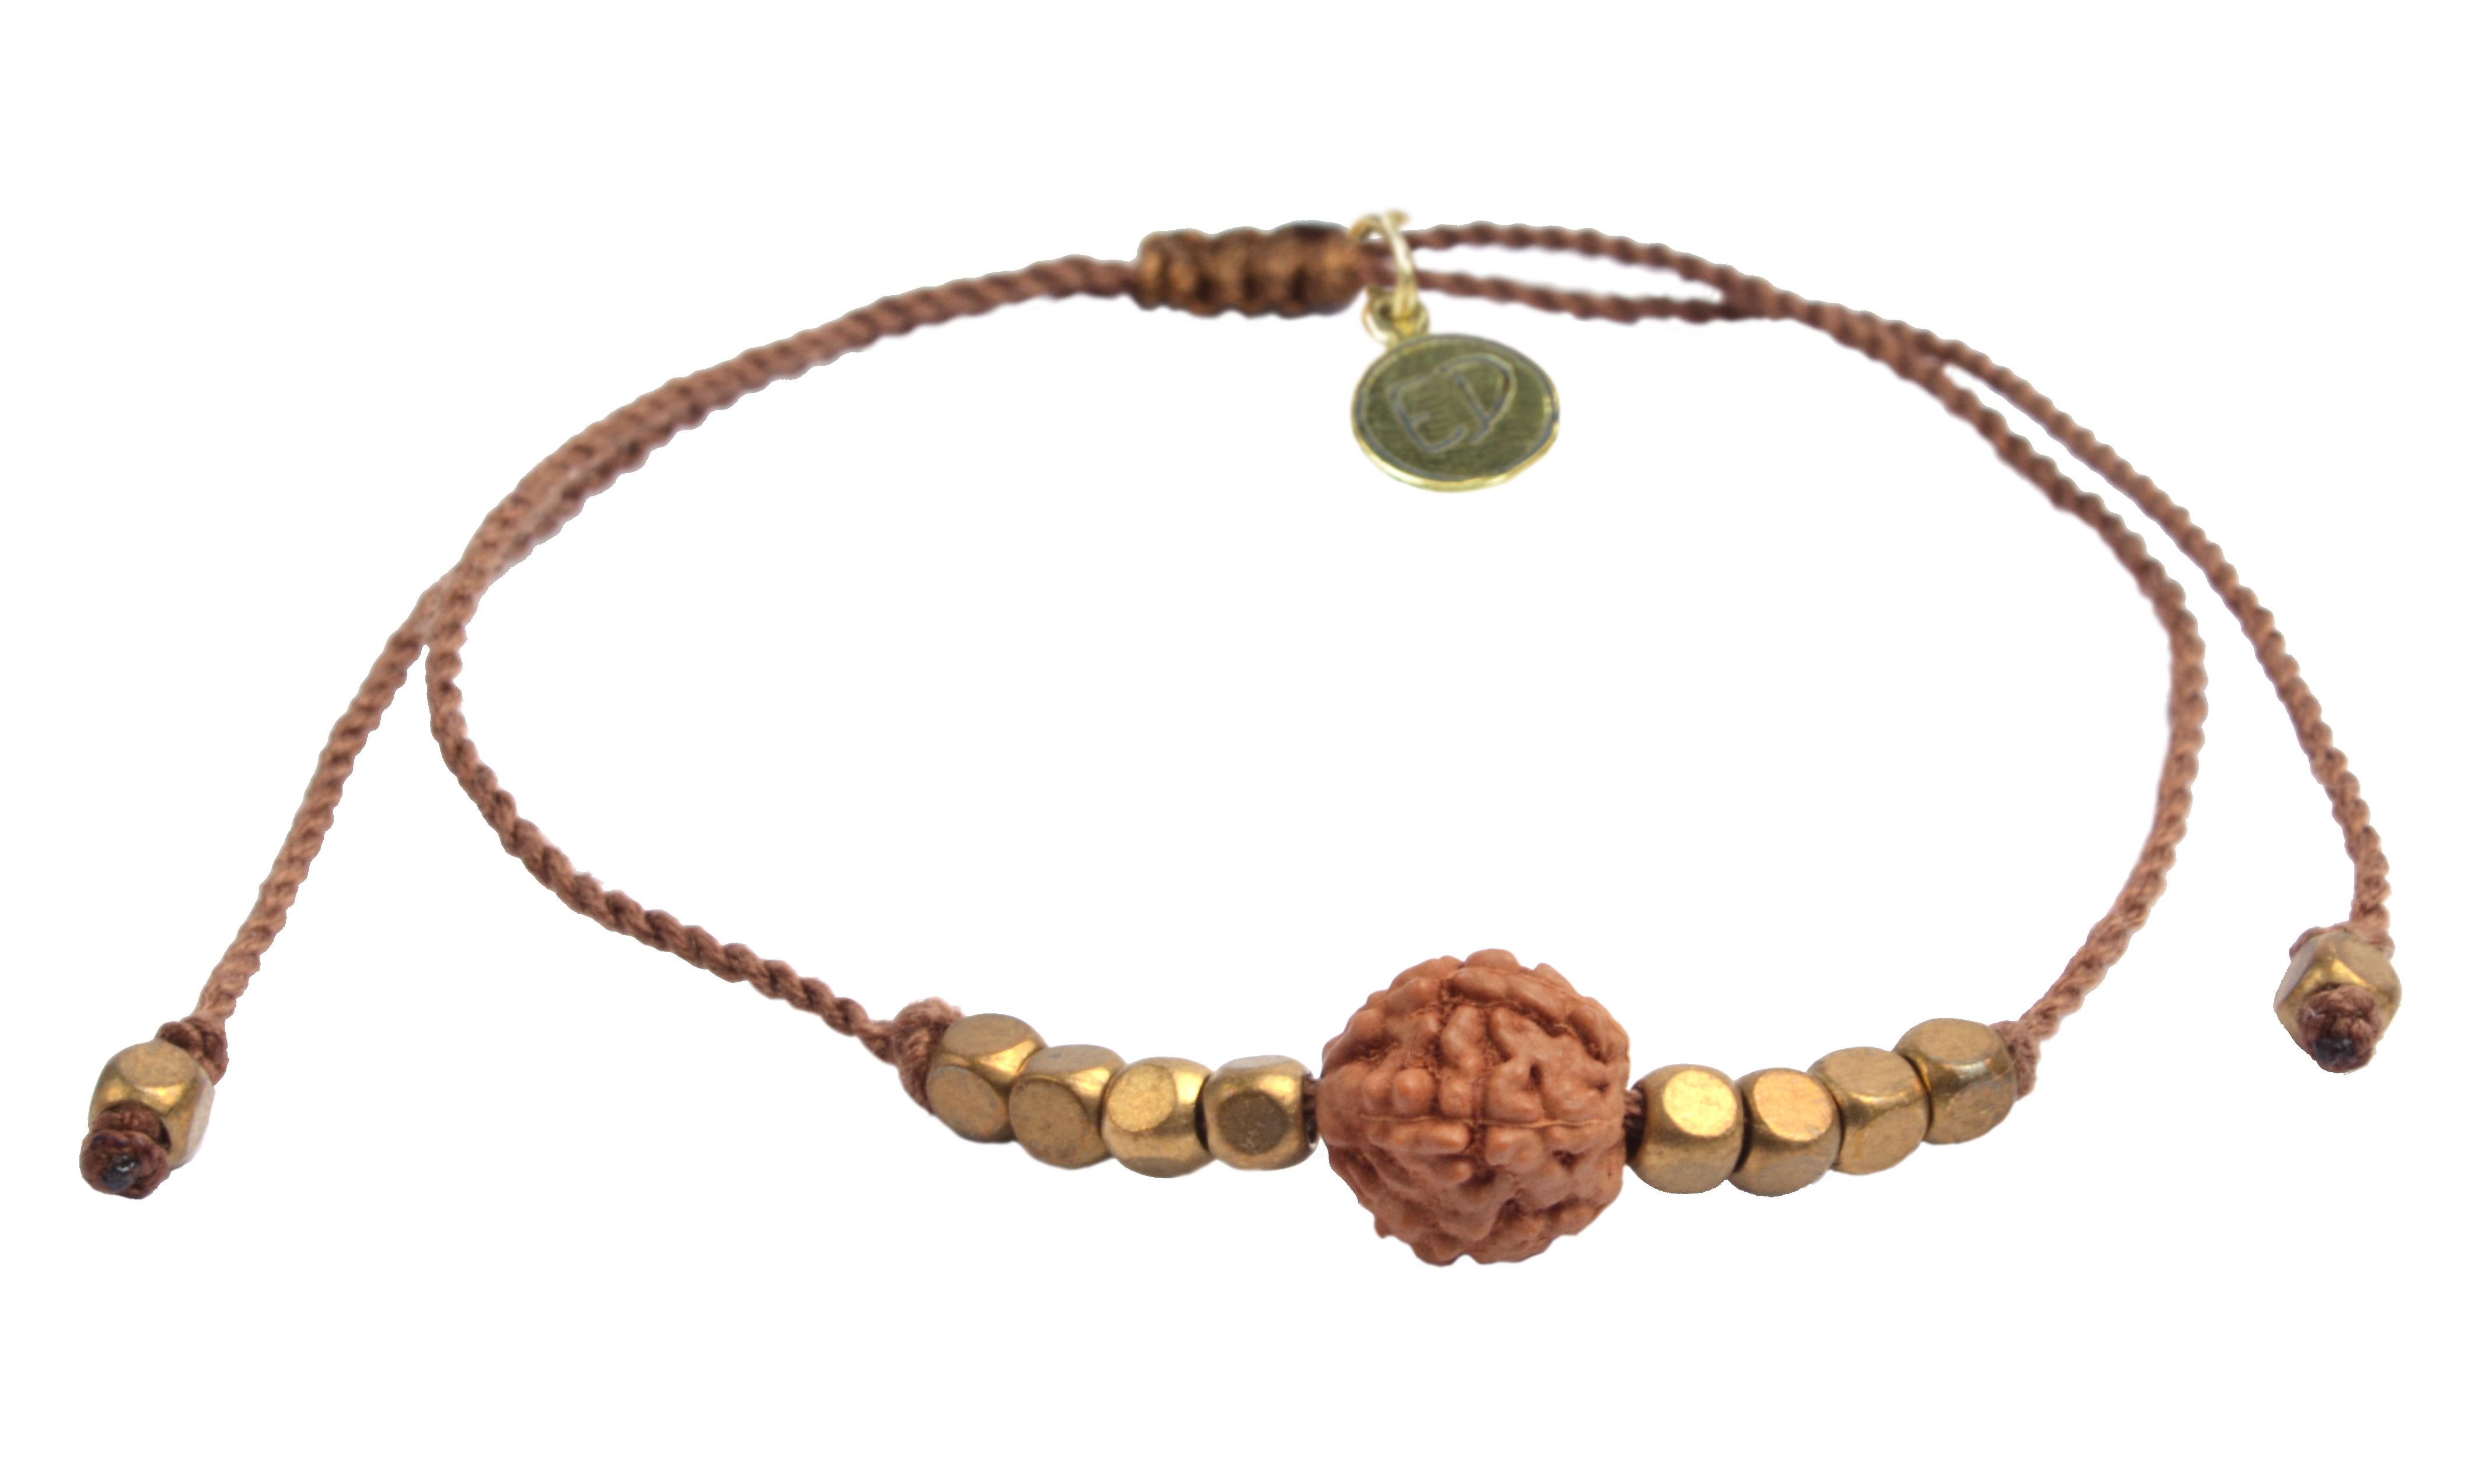 Šnúrkový náramok s korálkou Rudraksha - hnedý